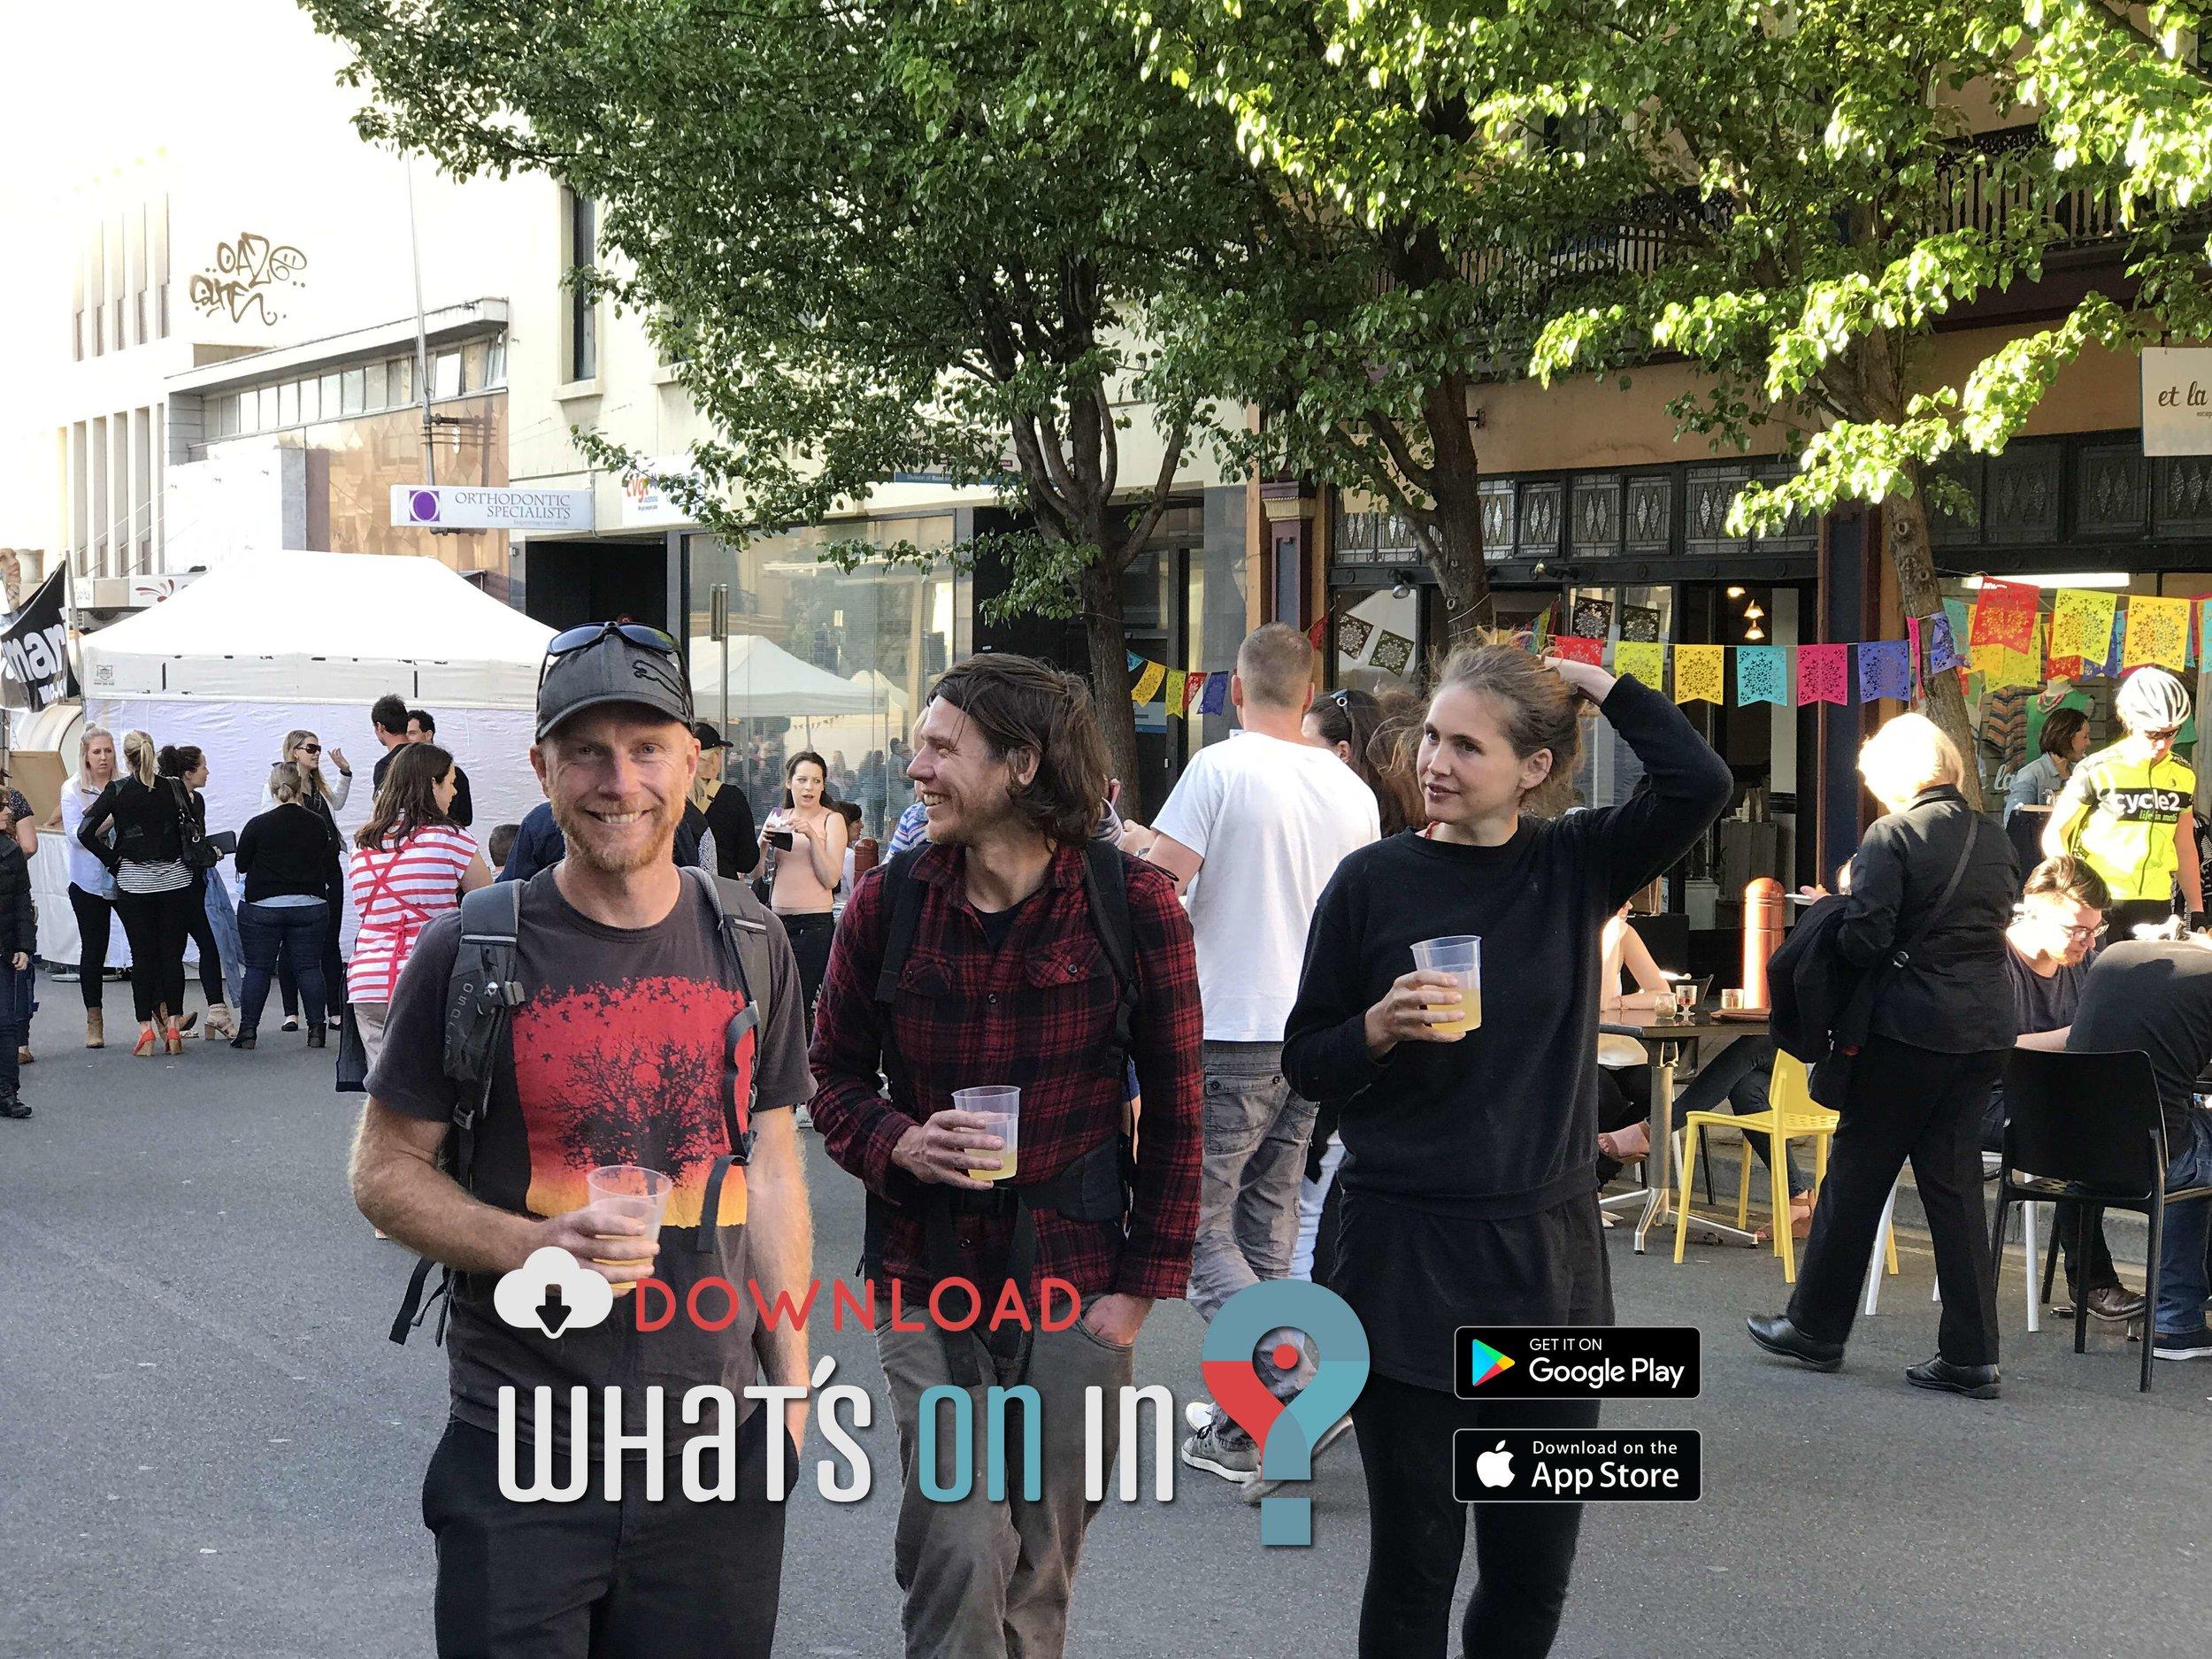 Fiesta on George Festival, Launceston, Tasmania 2016 - What's On In App 072 IMG_4215.jpg